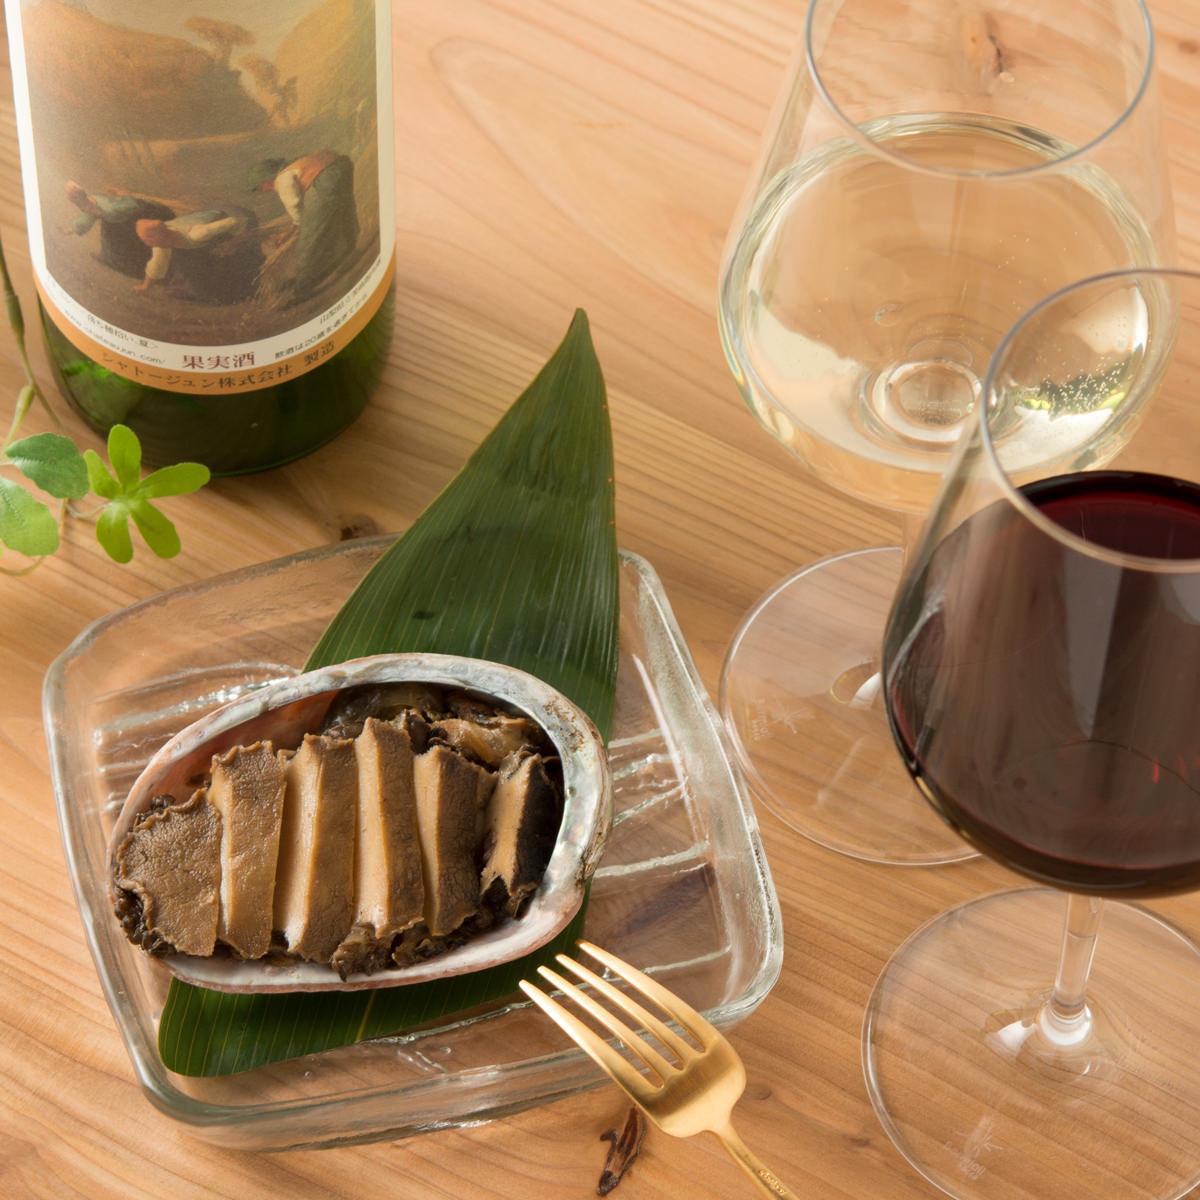 山梨名産_ ギフトセンターコスモス【 アートワインと鮑の煮貝 】